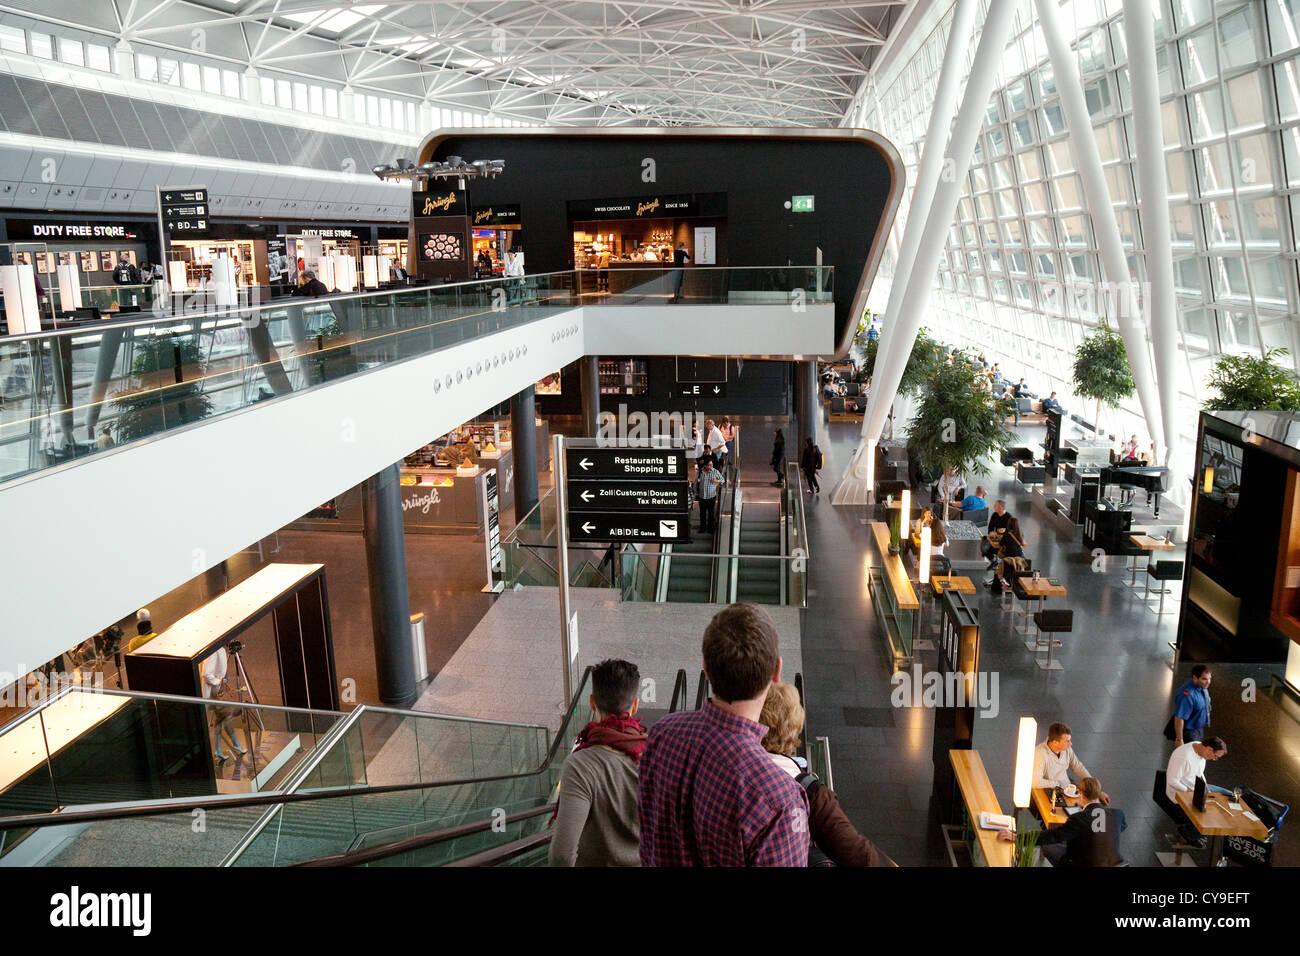 Aeroporto Zurigo Partenze : L interno della sala partenze aeroporto di zurigo svizzera